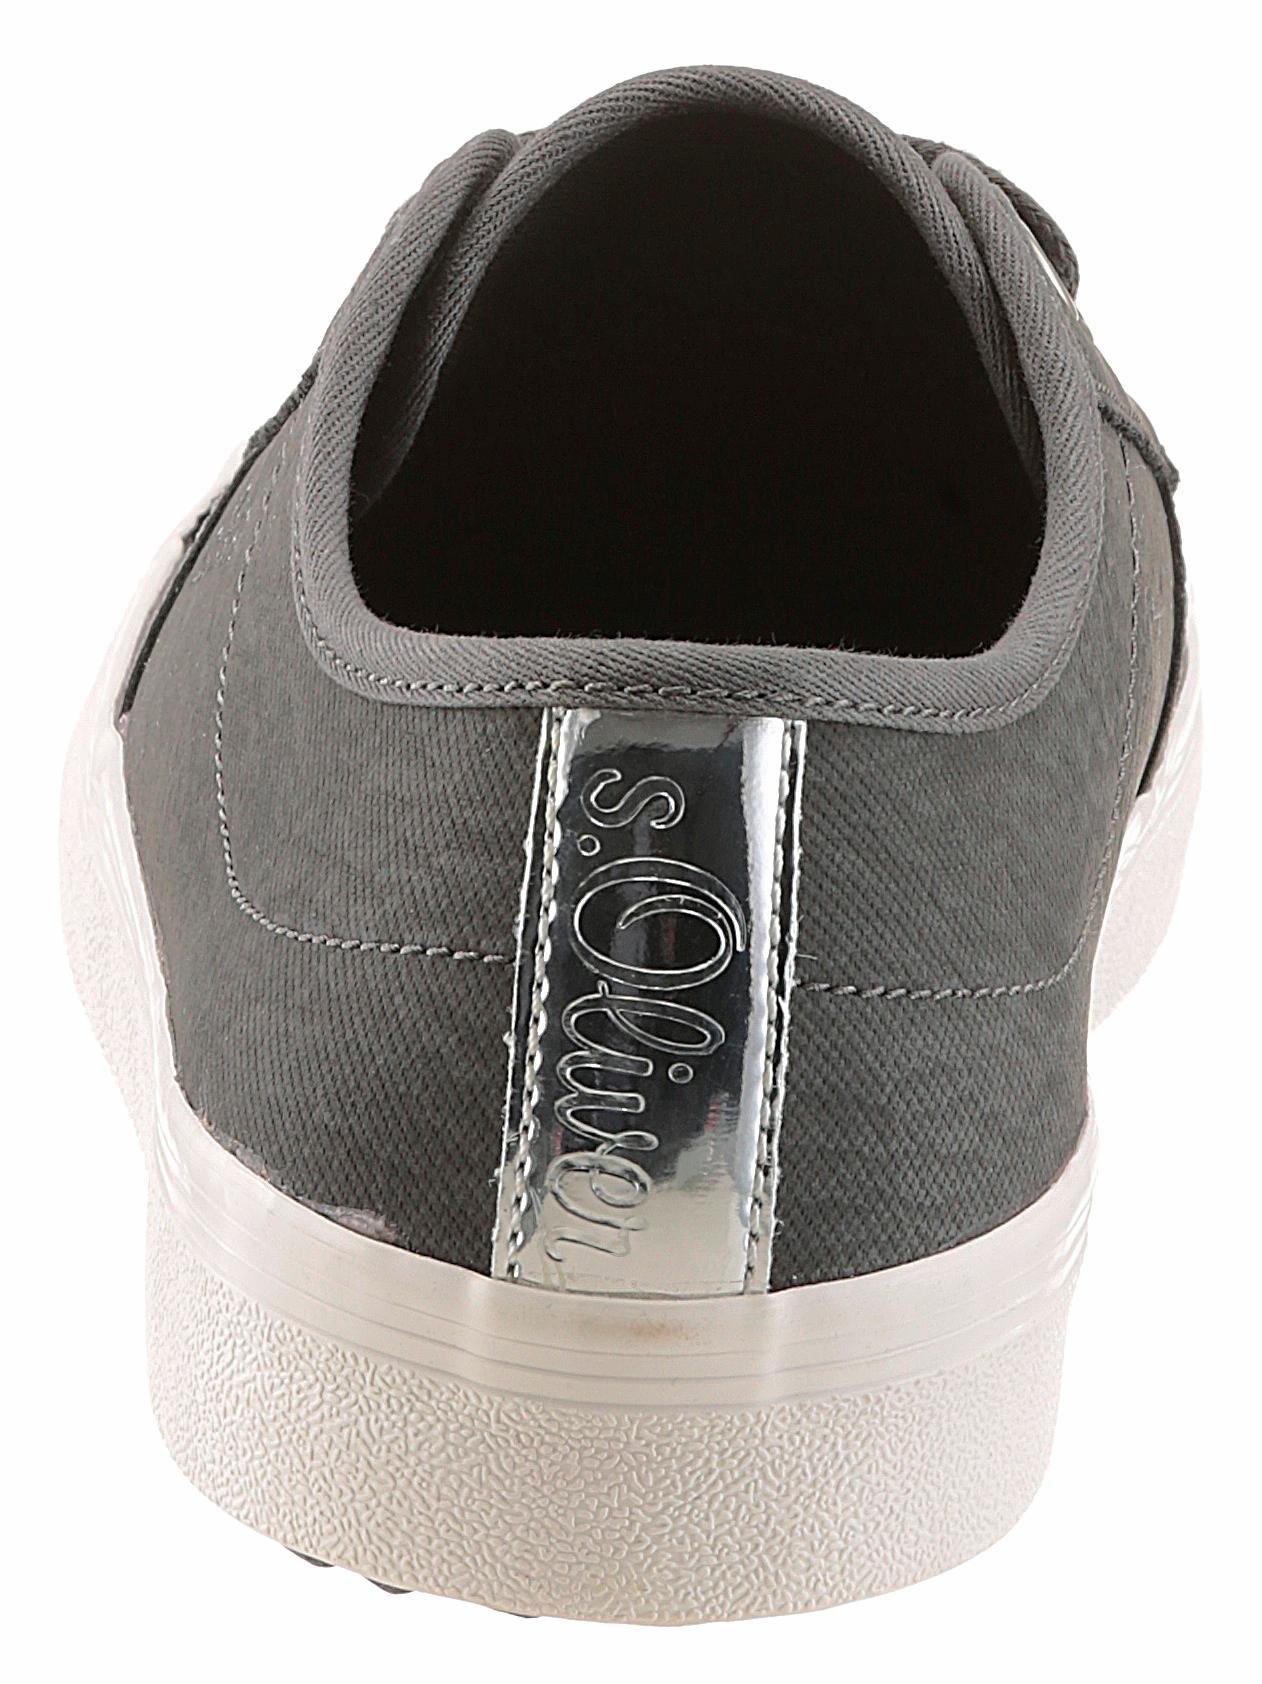 Snel S oliver Red Label Sneakers Online Gekocht wOvNn0m8